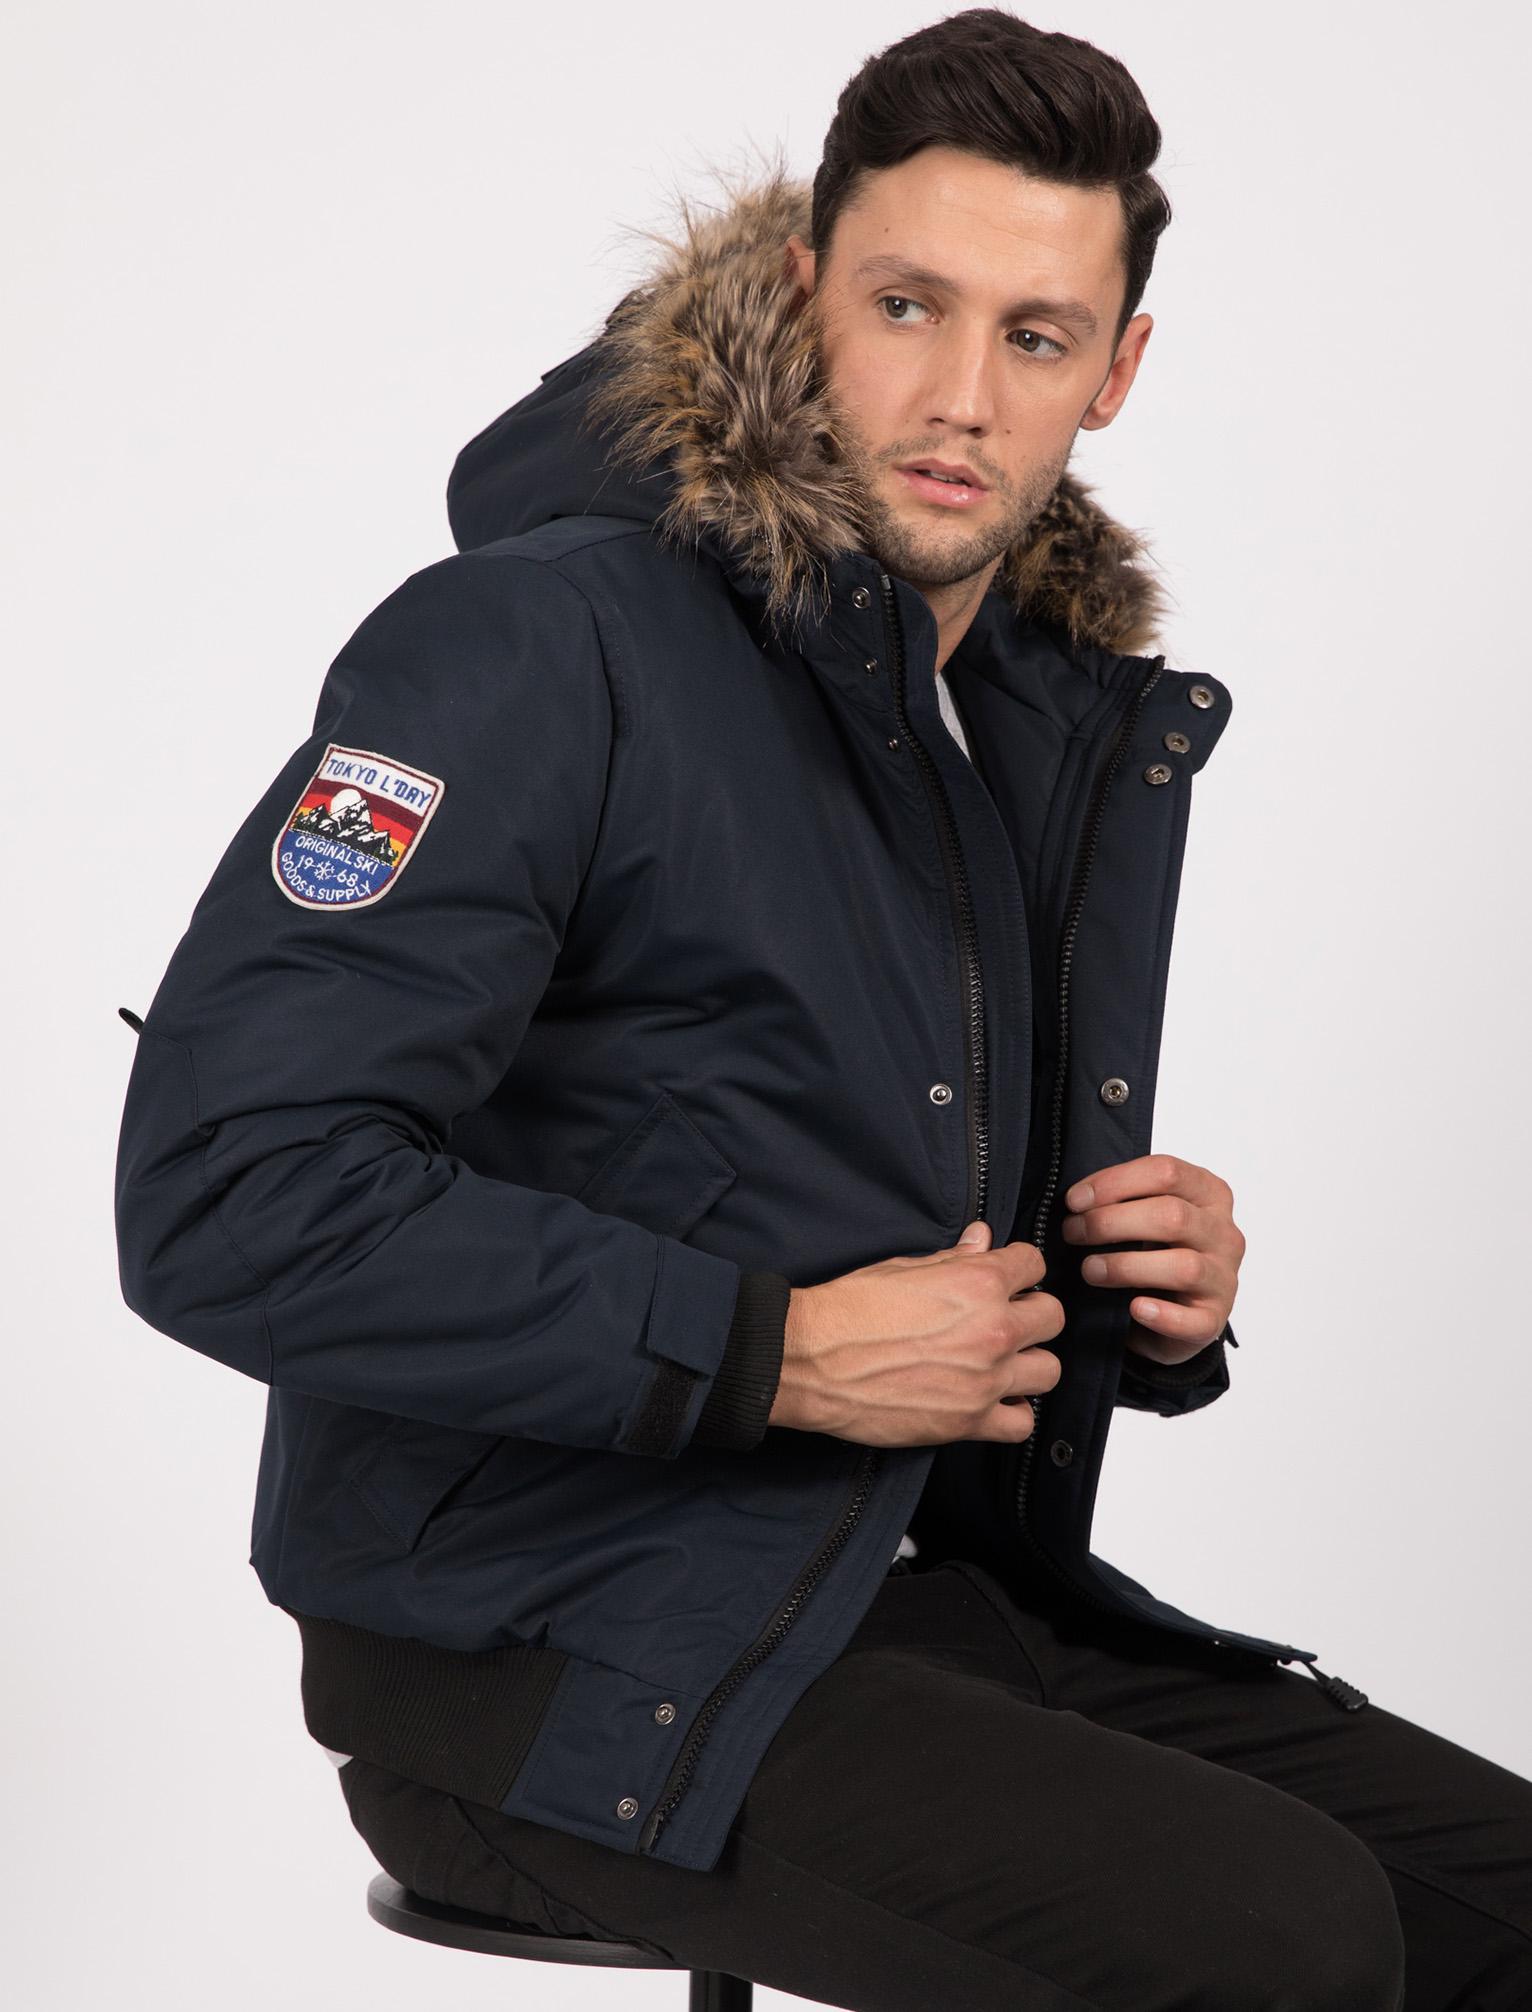 S uomo Laundry True con M Giubbotto Navy bomber da Bomber cappuccio Tokyo Blue da Xl uomo L taglia Xxl WPS1Snp